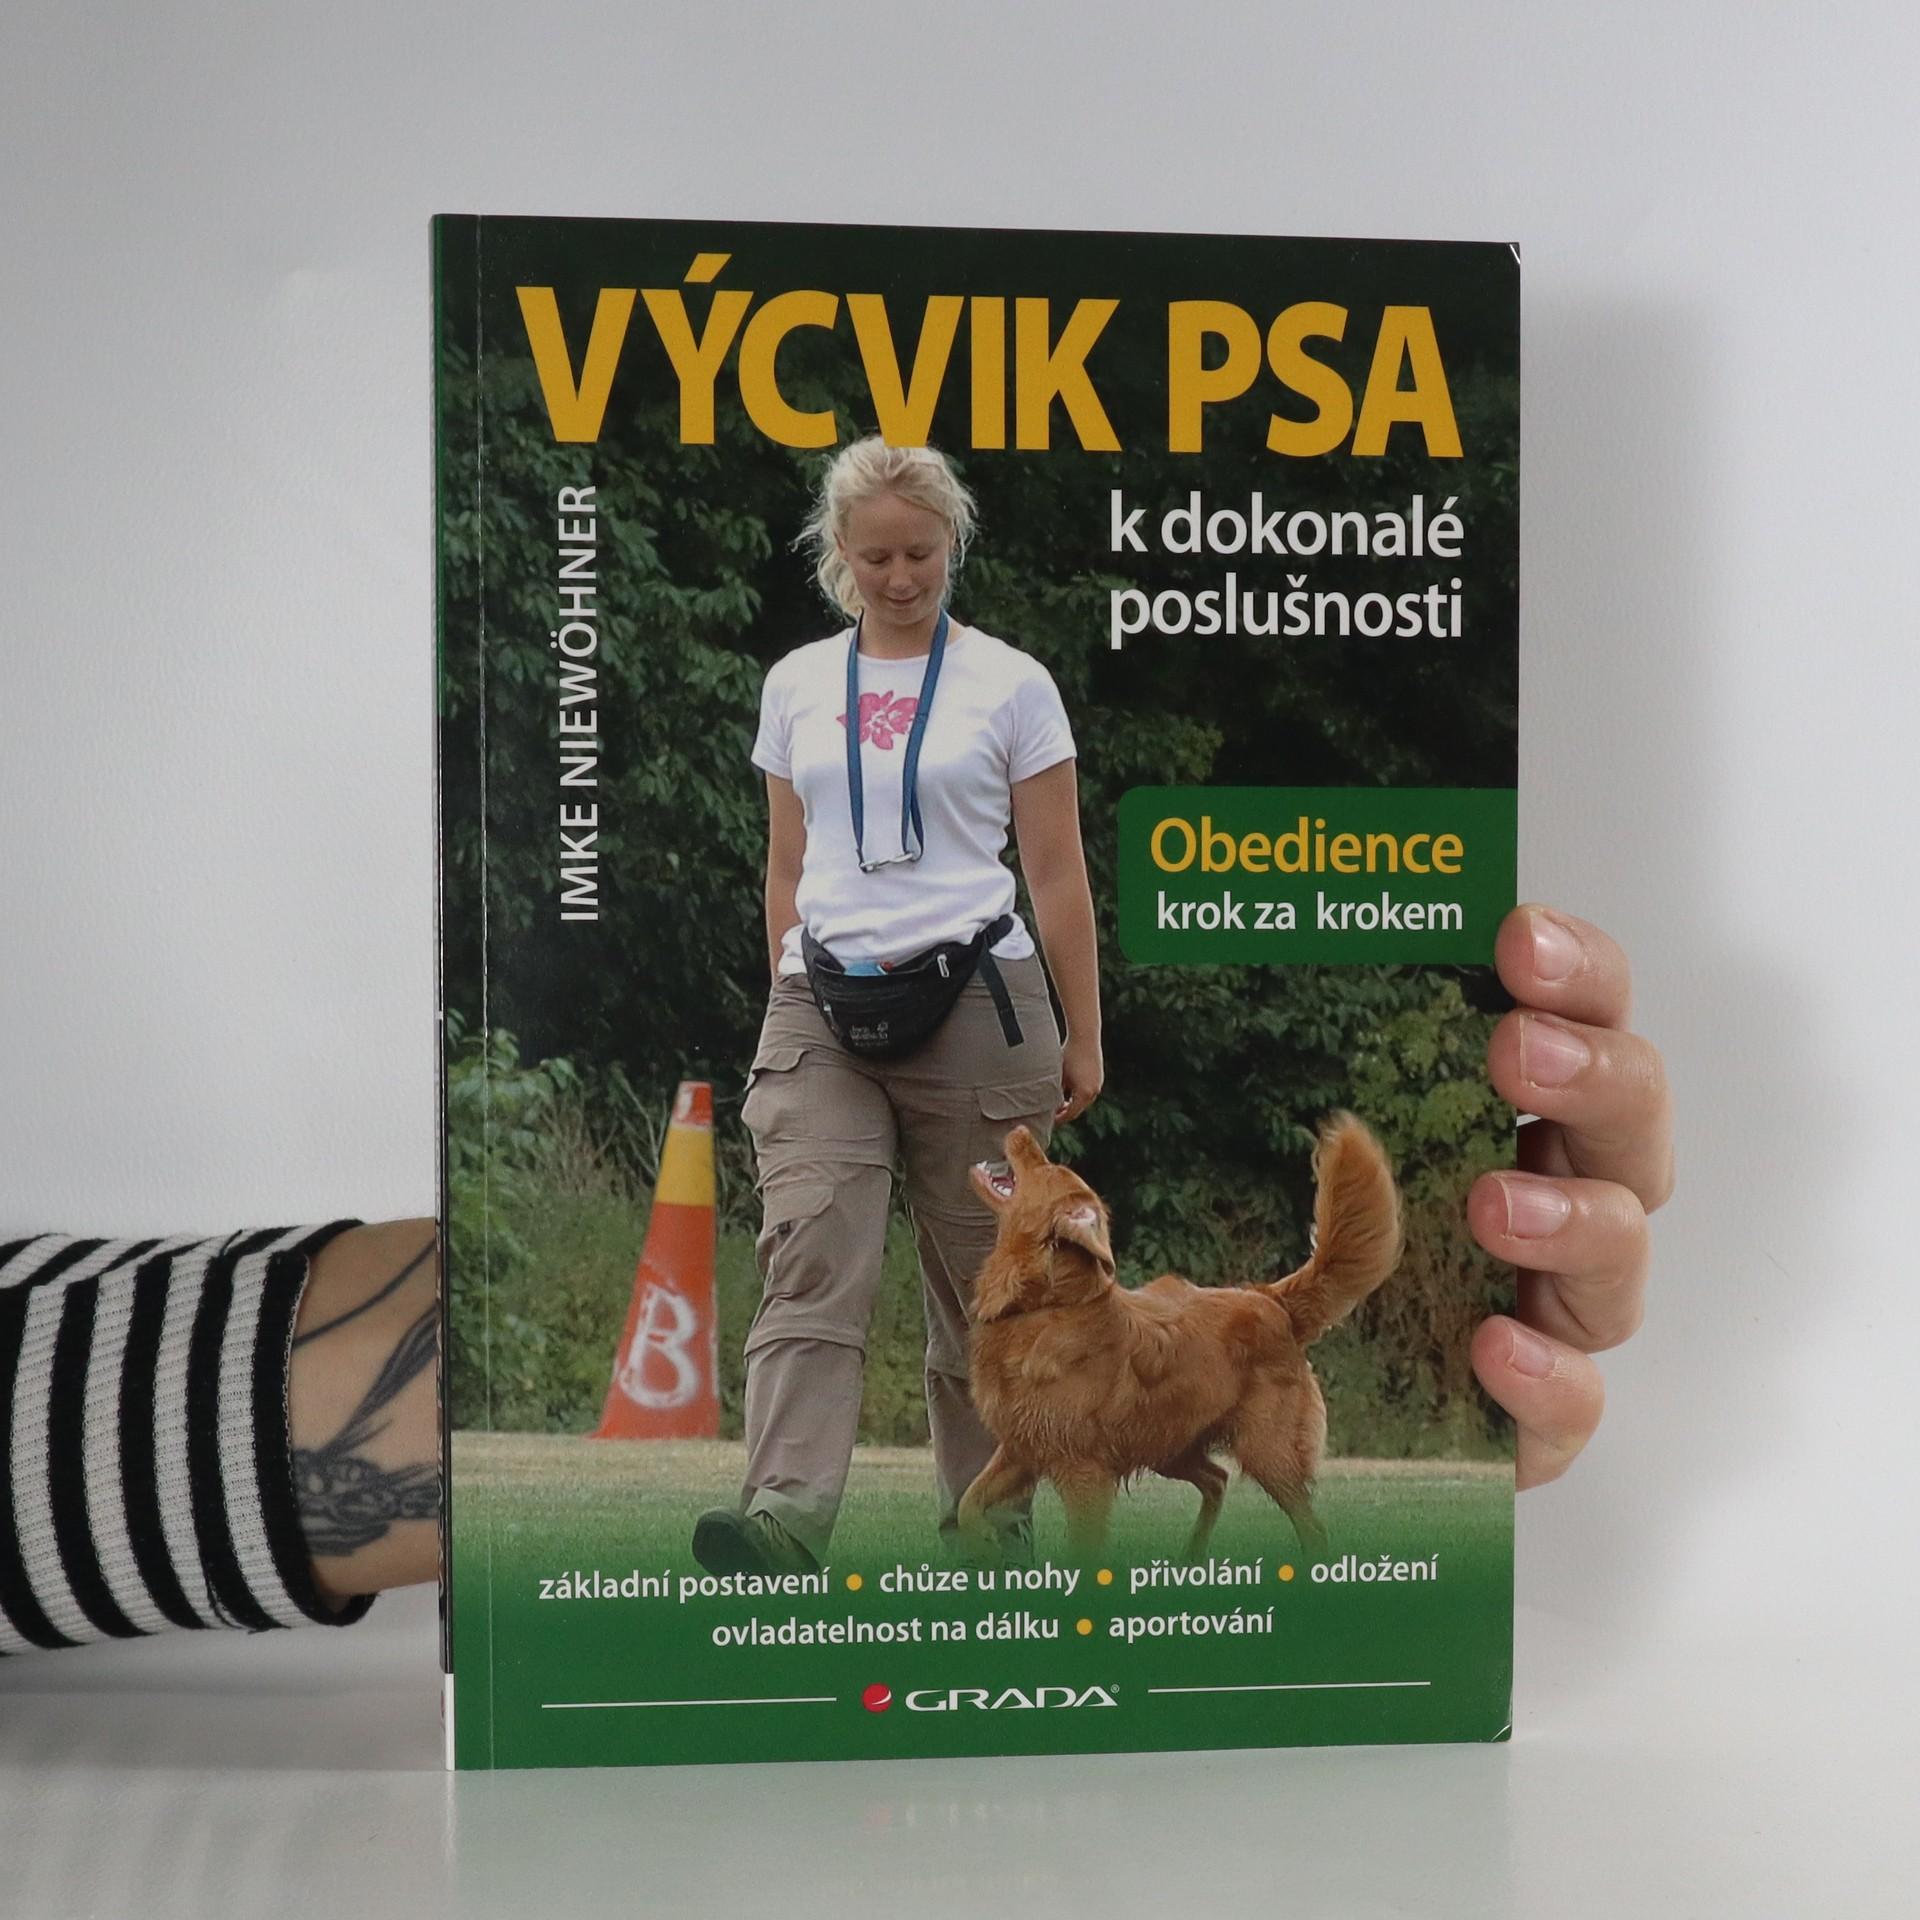 antikvární kniha Výcvik psa k dokonalé poslušnosti. Obedience krok za krokem, 2012